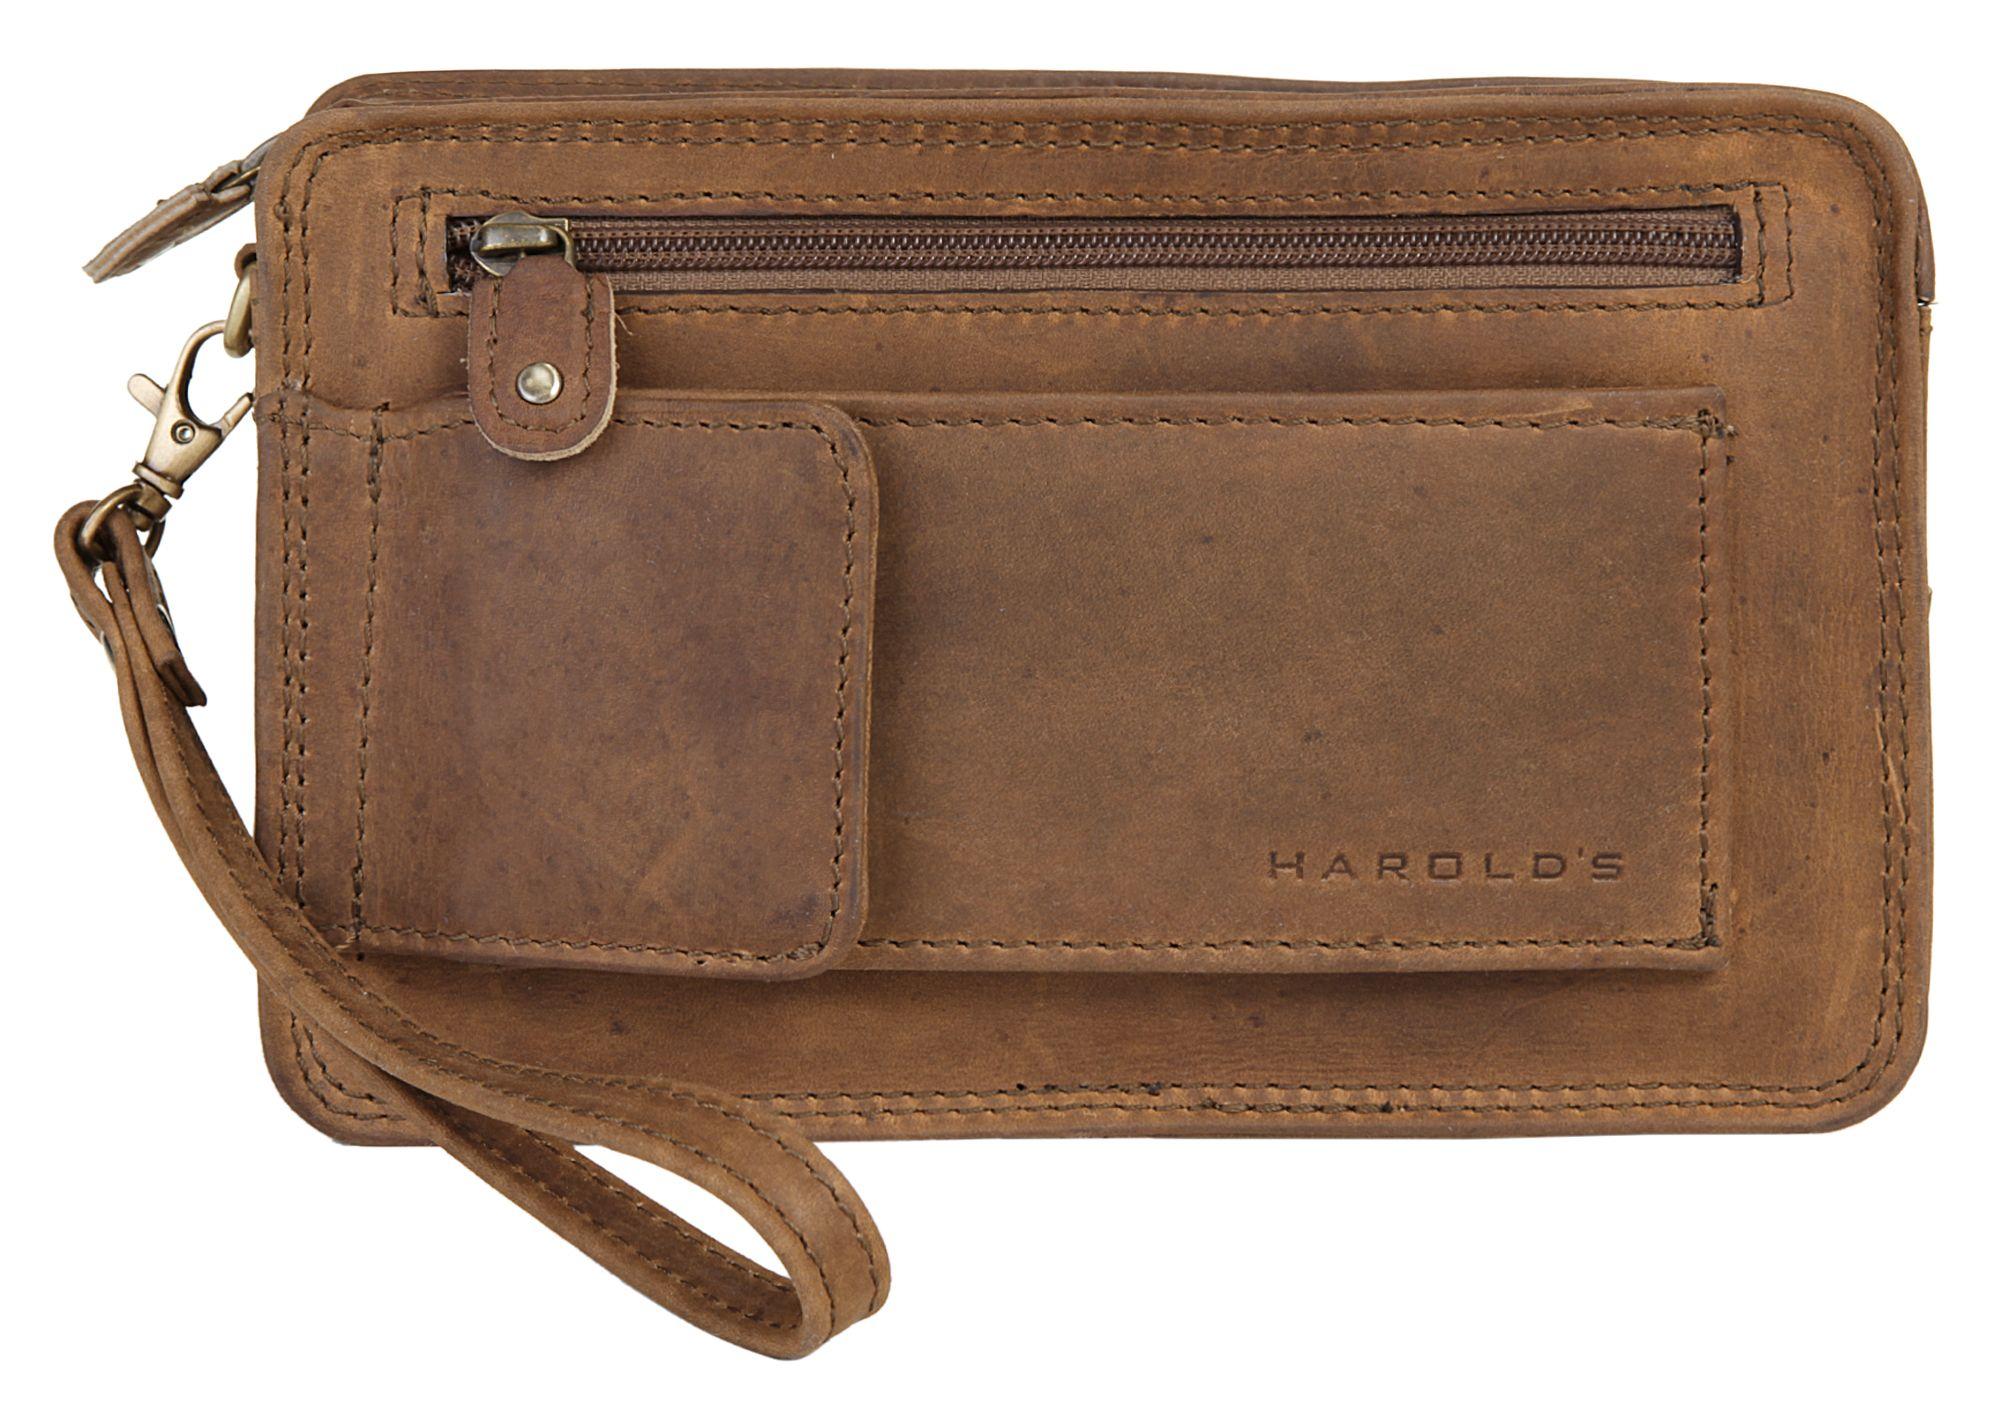 HAROLDS Harold's Leder Handgelenk Tasche »Antik«